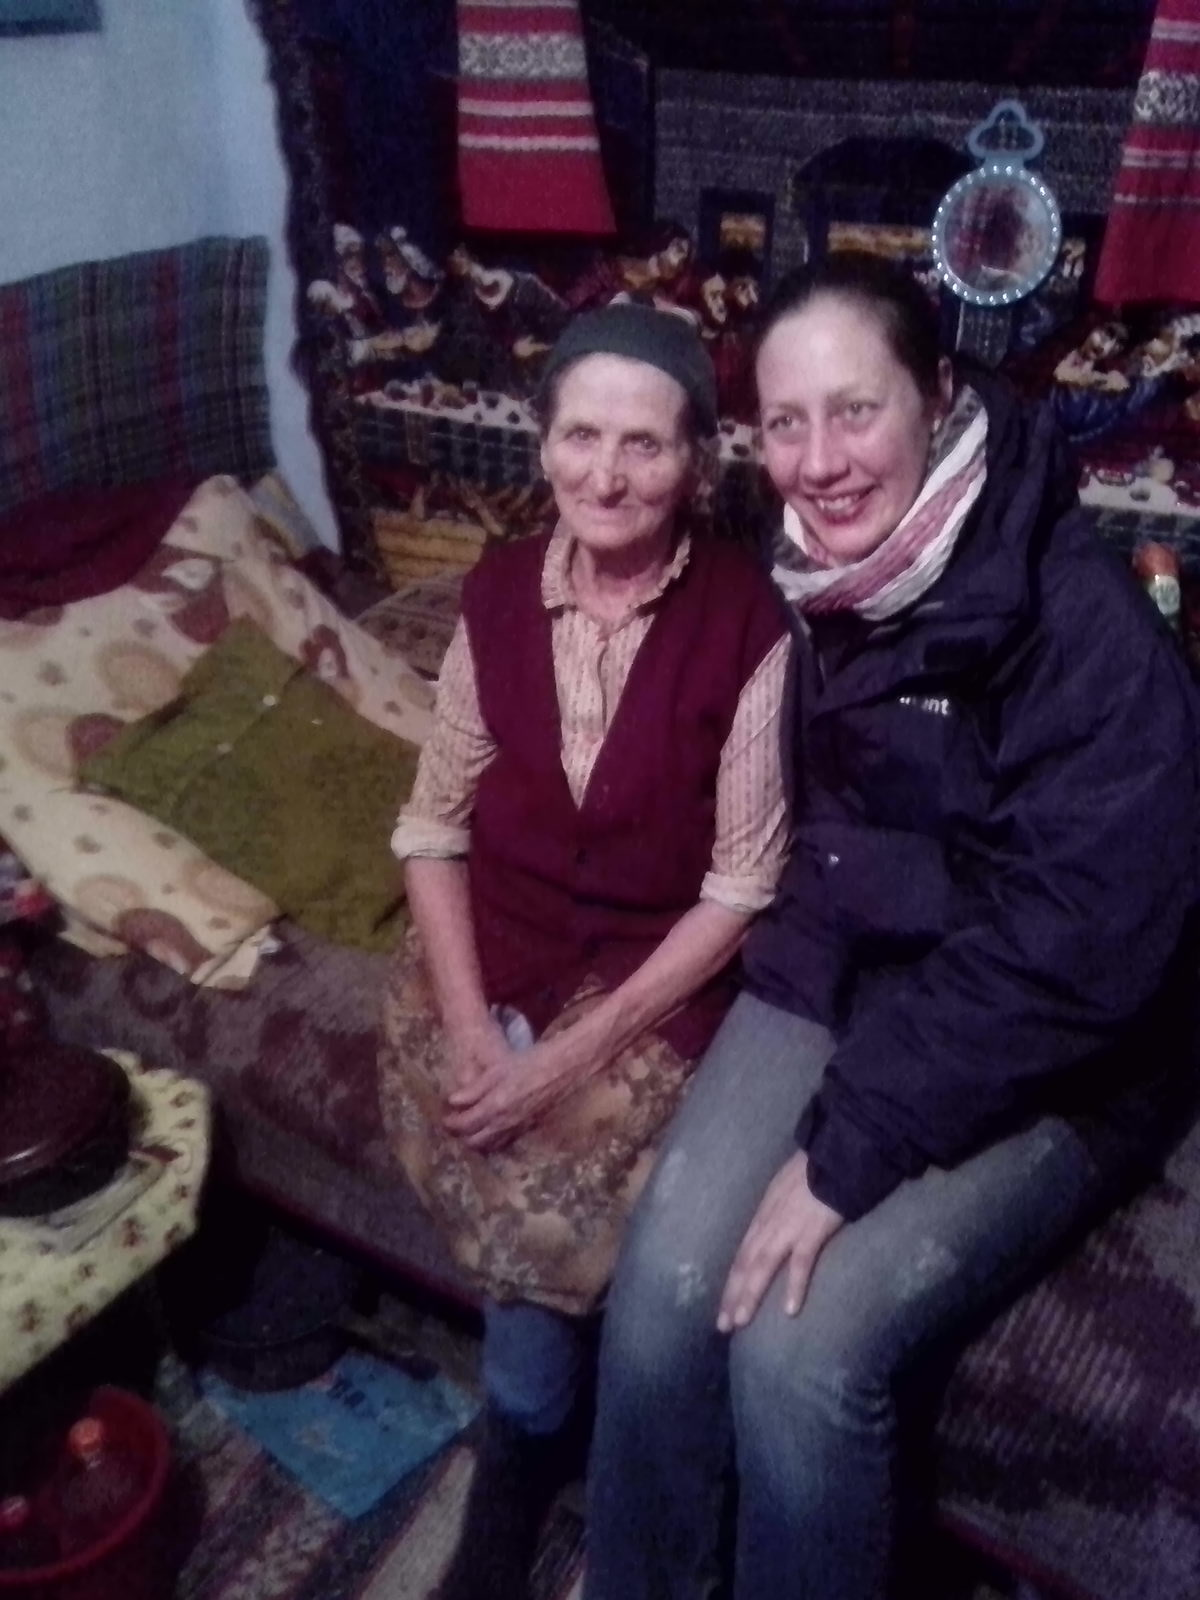 Kann man einfach eine fremde Oma mit Holzbein adoptieren?